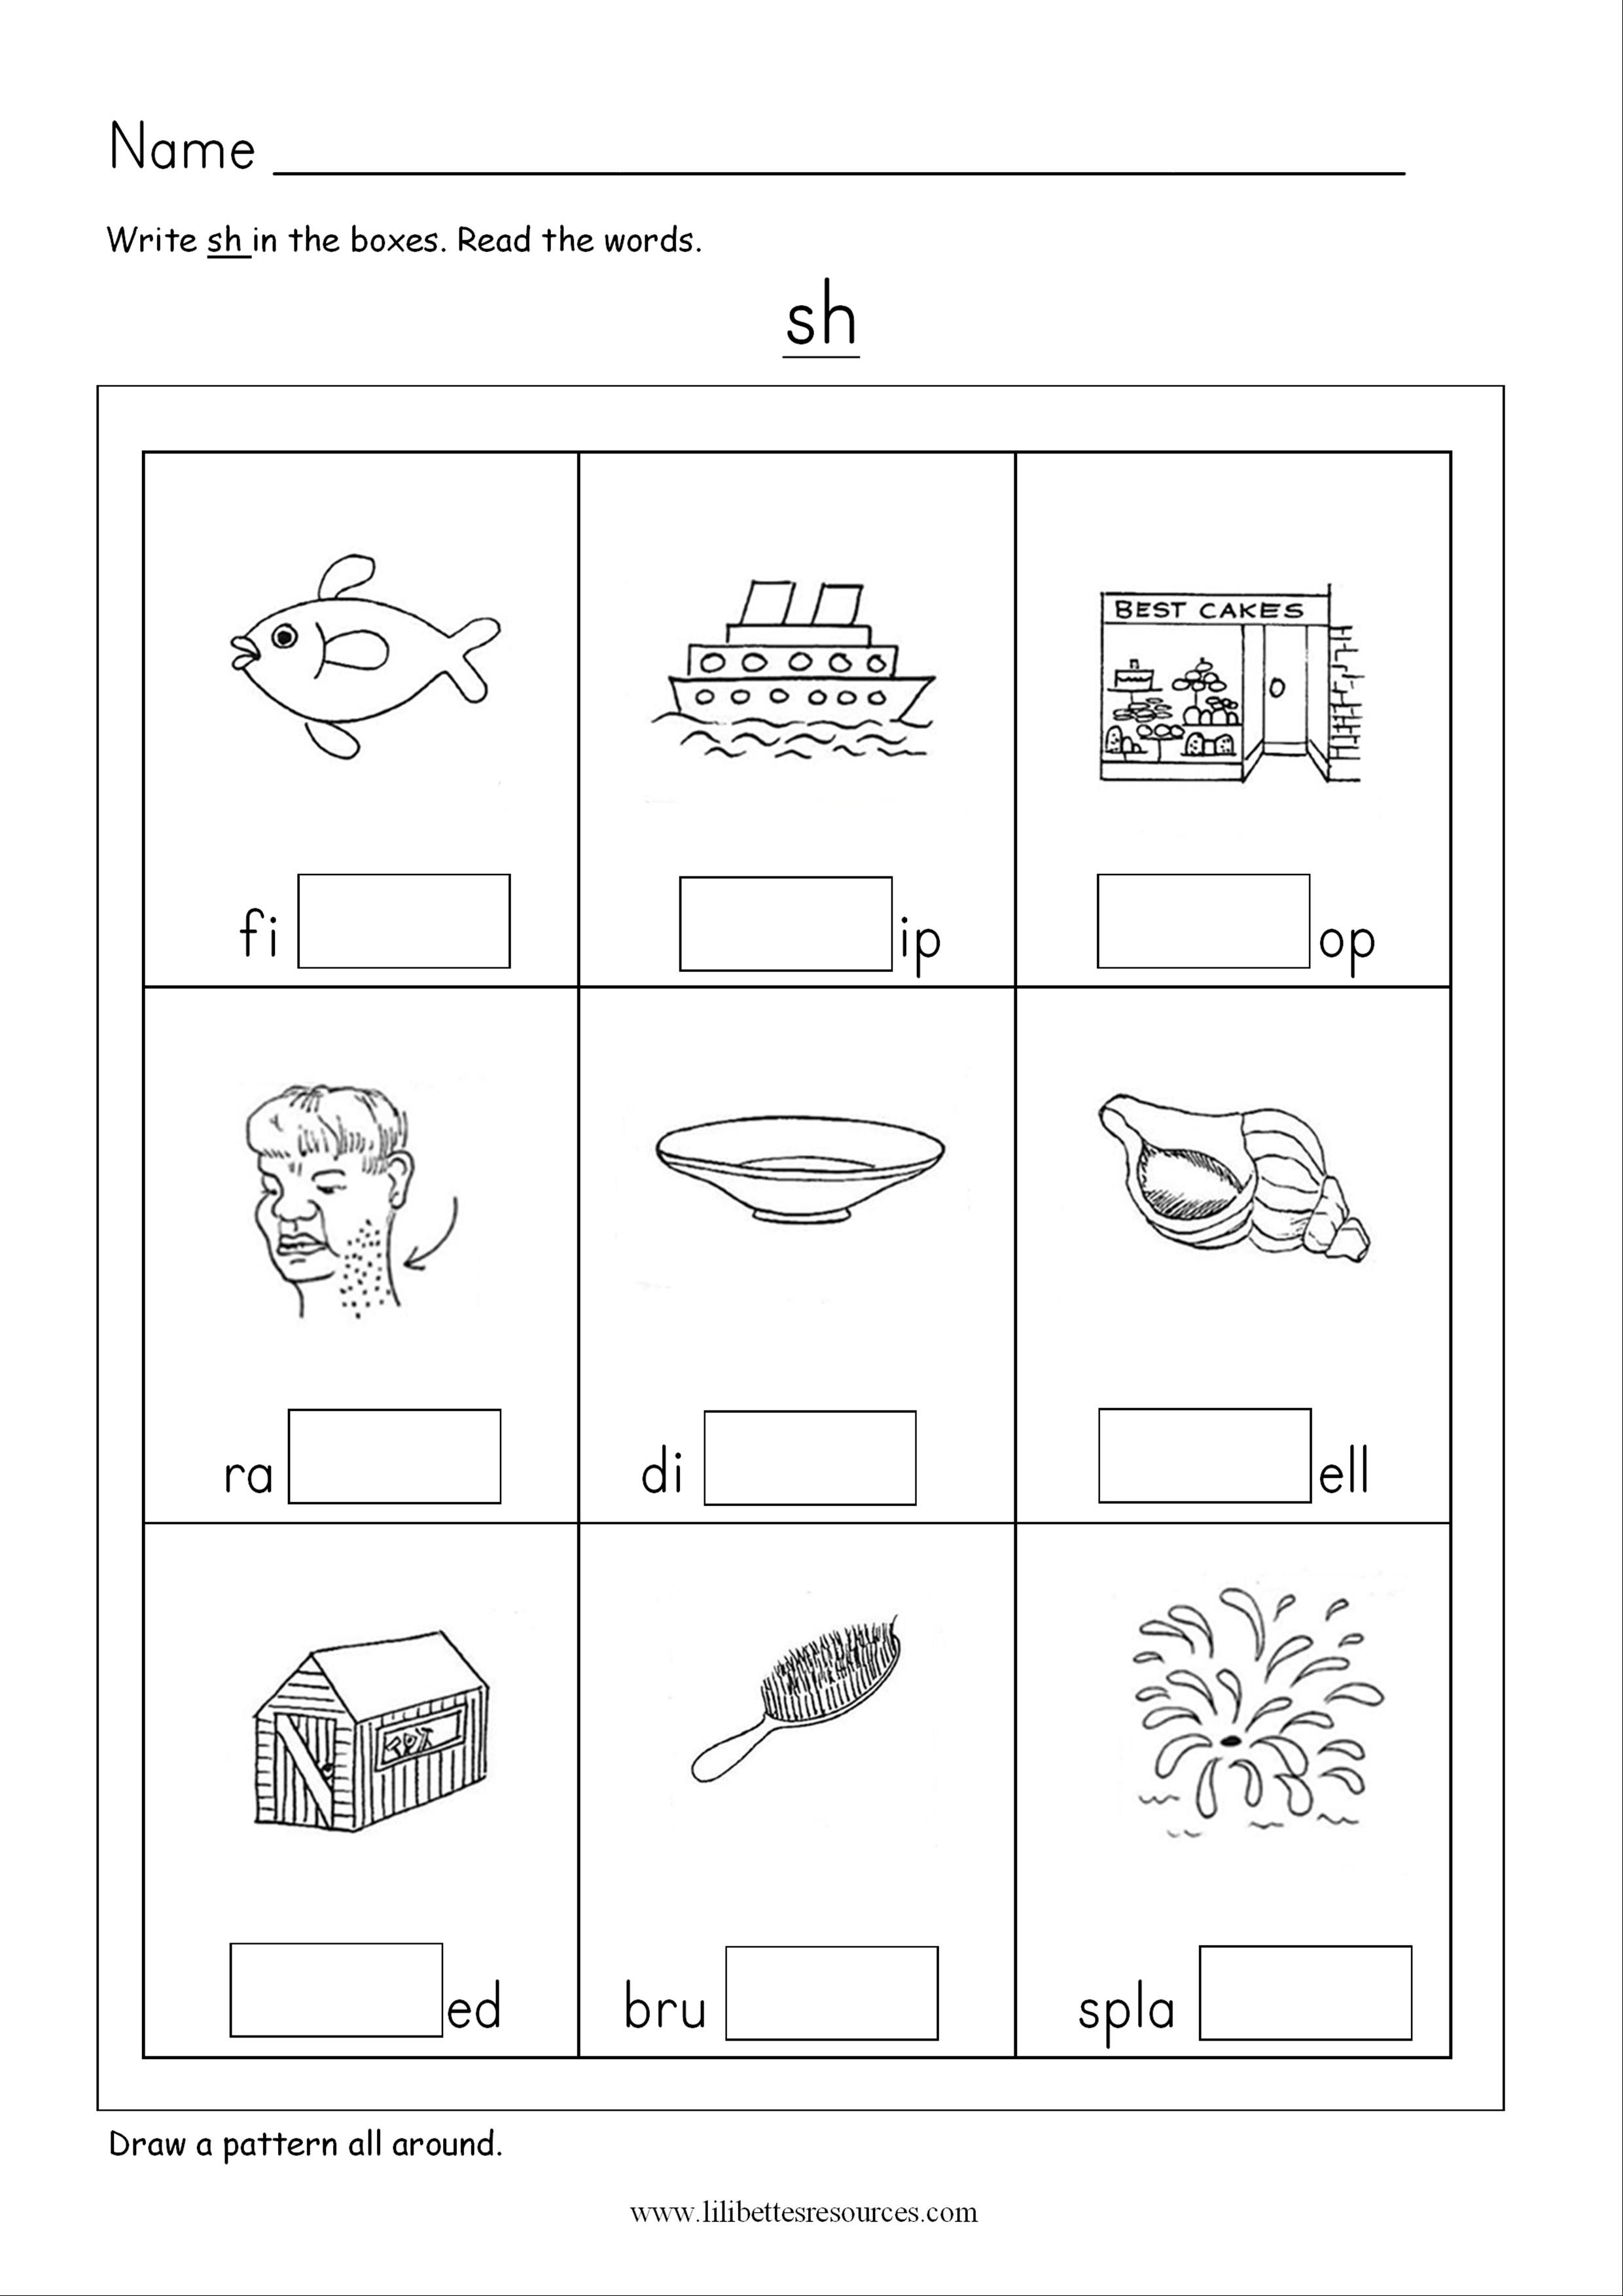 Ch Phonics Worksheets